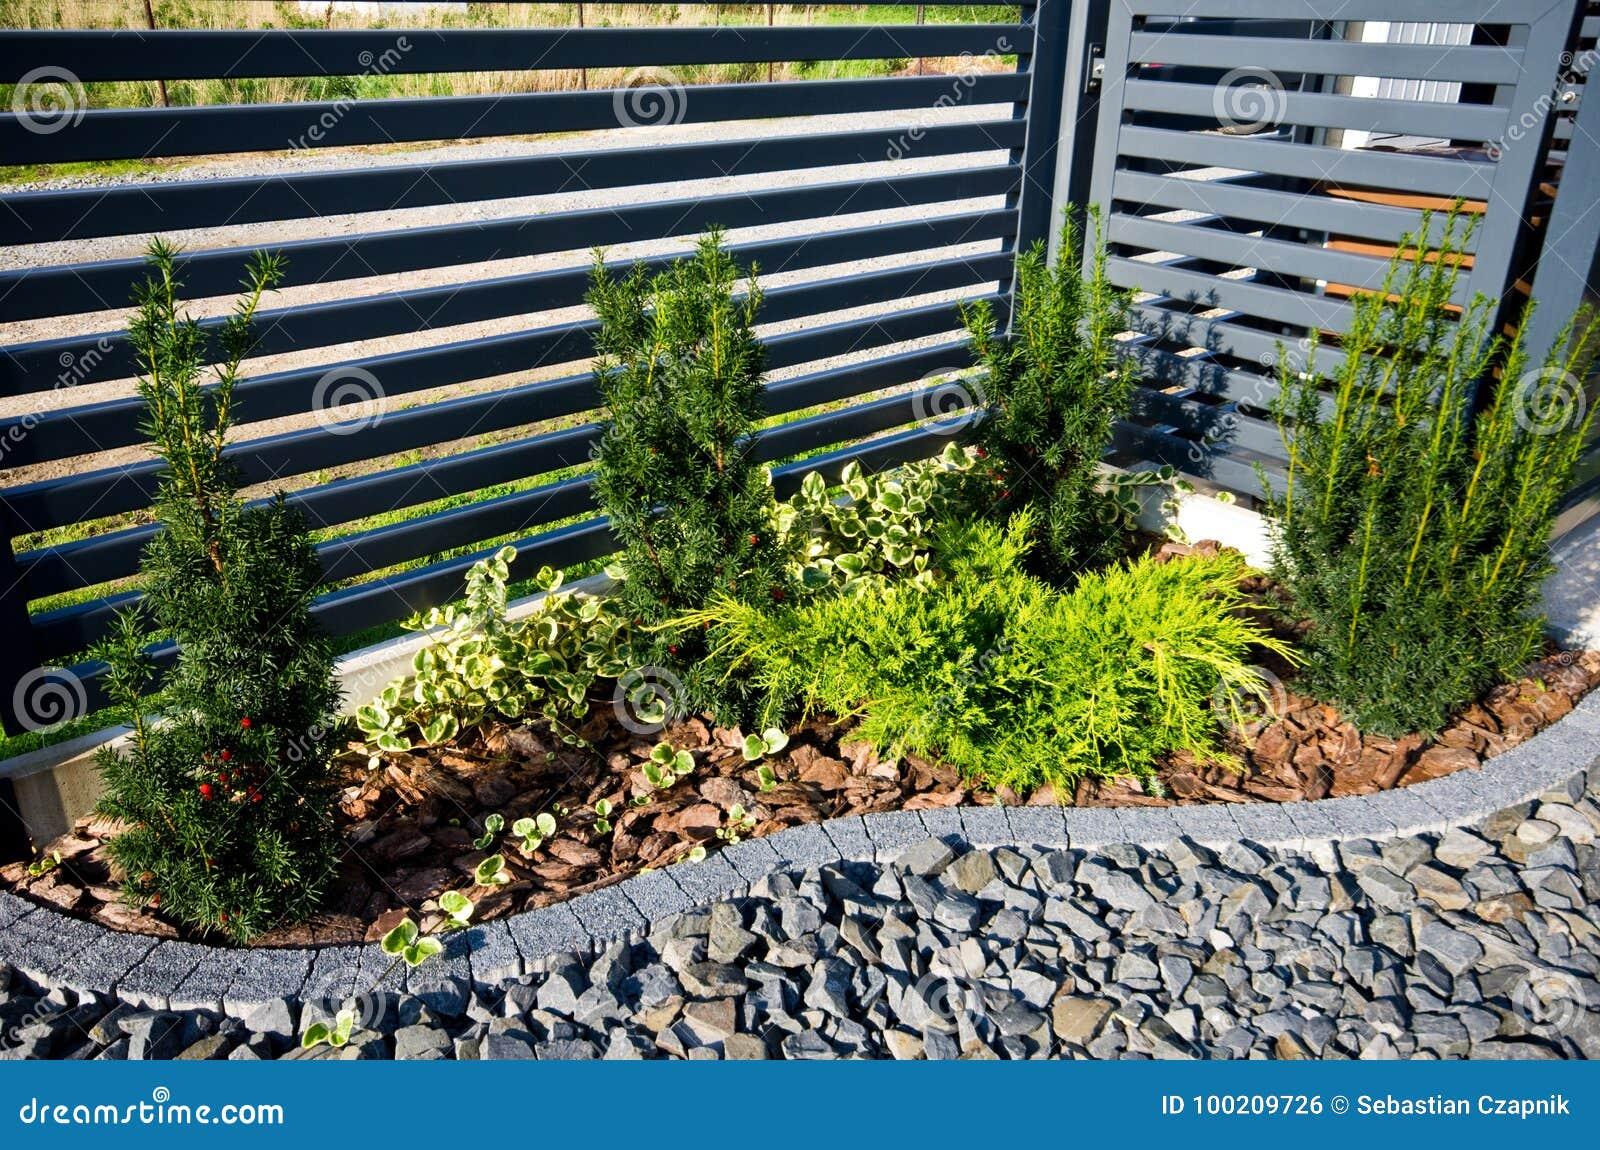 Dettaglio del giardino recinto con l 39 angolo degli alberi for Angolo giardino